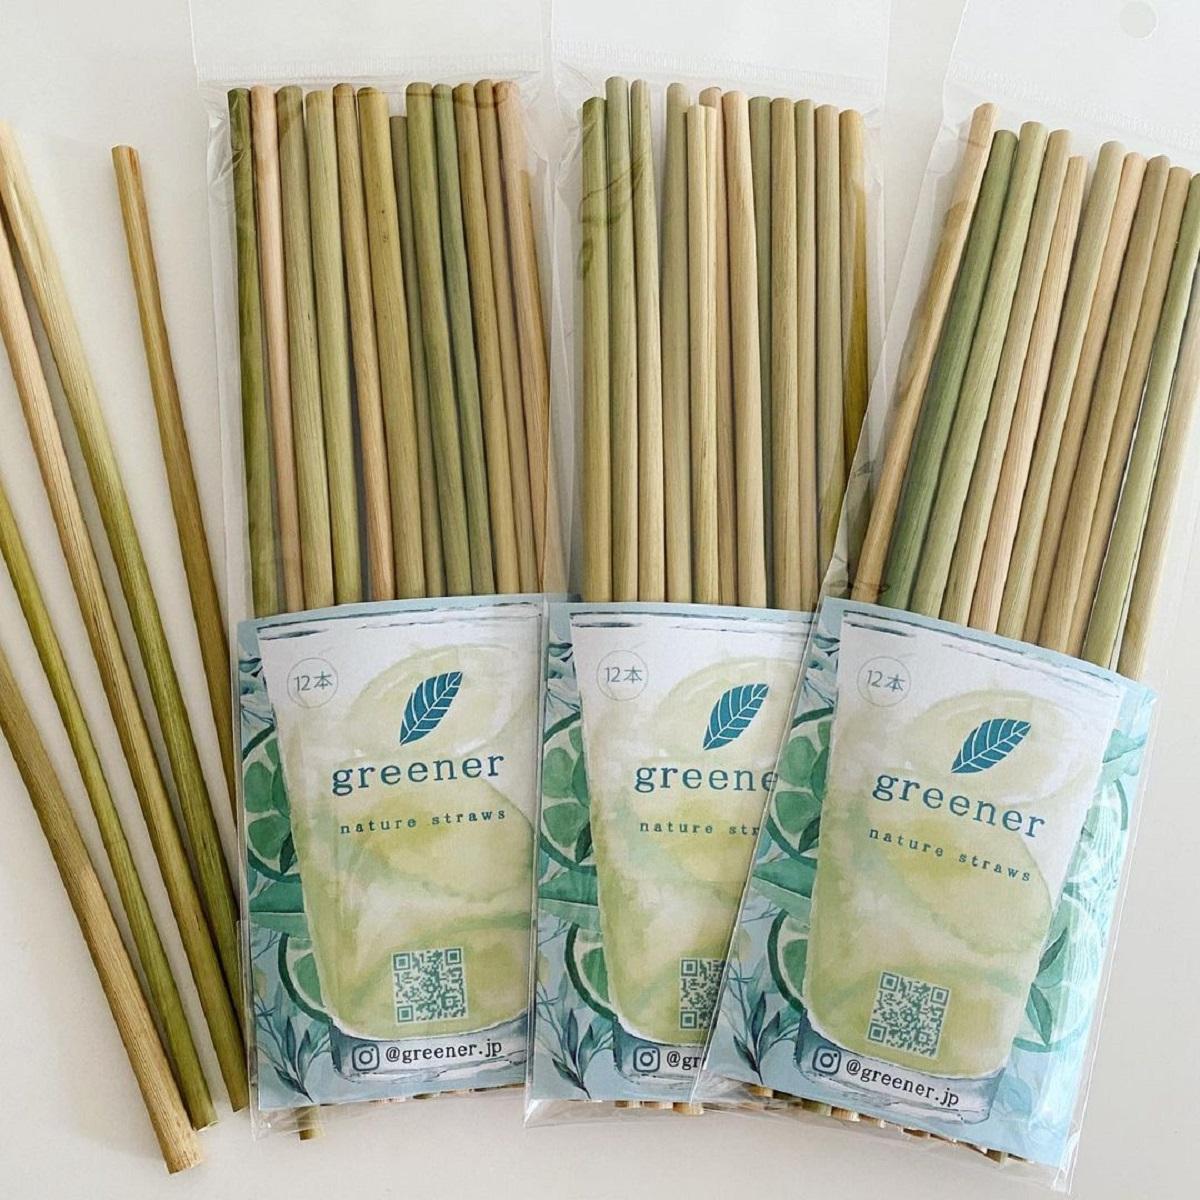 12080【自由テーマ】greener nature straws(グリーナー ネイチャーストロー)